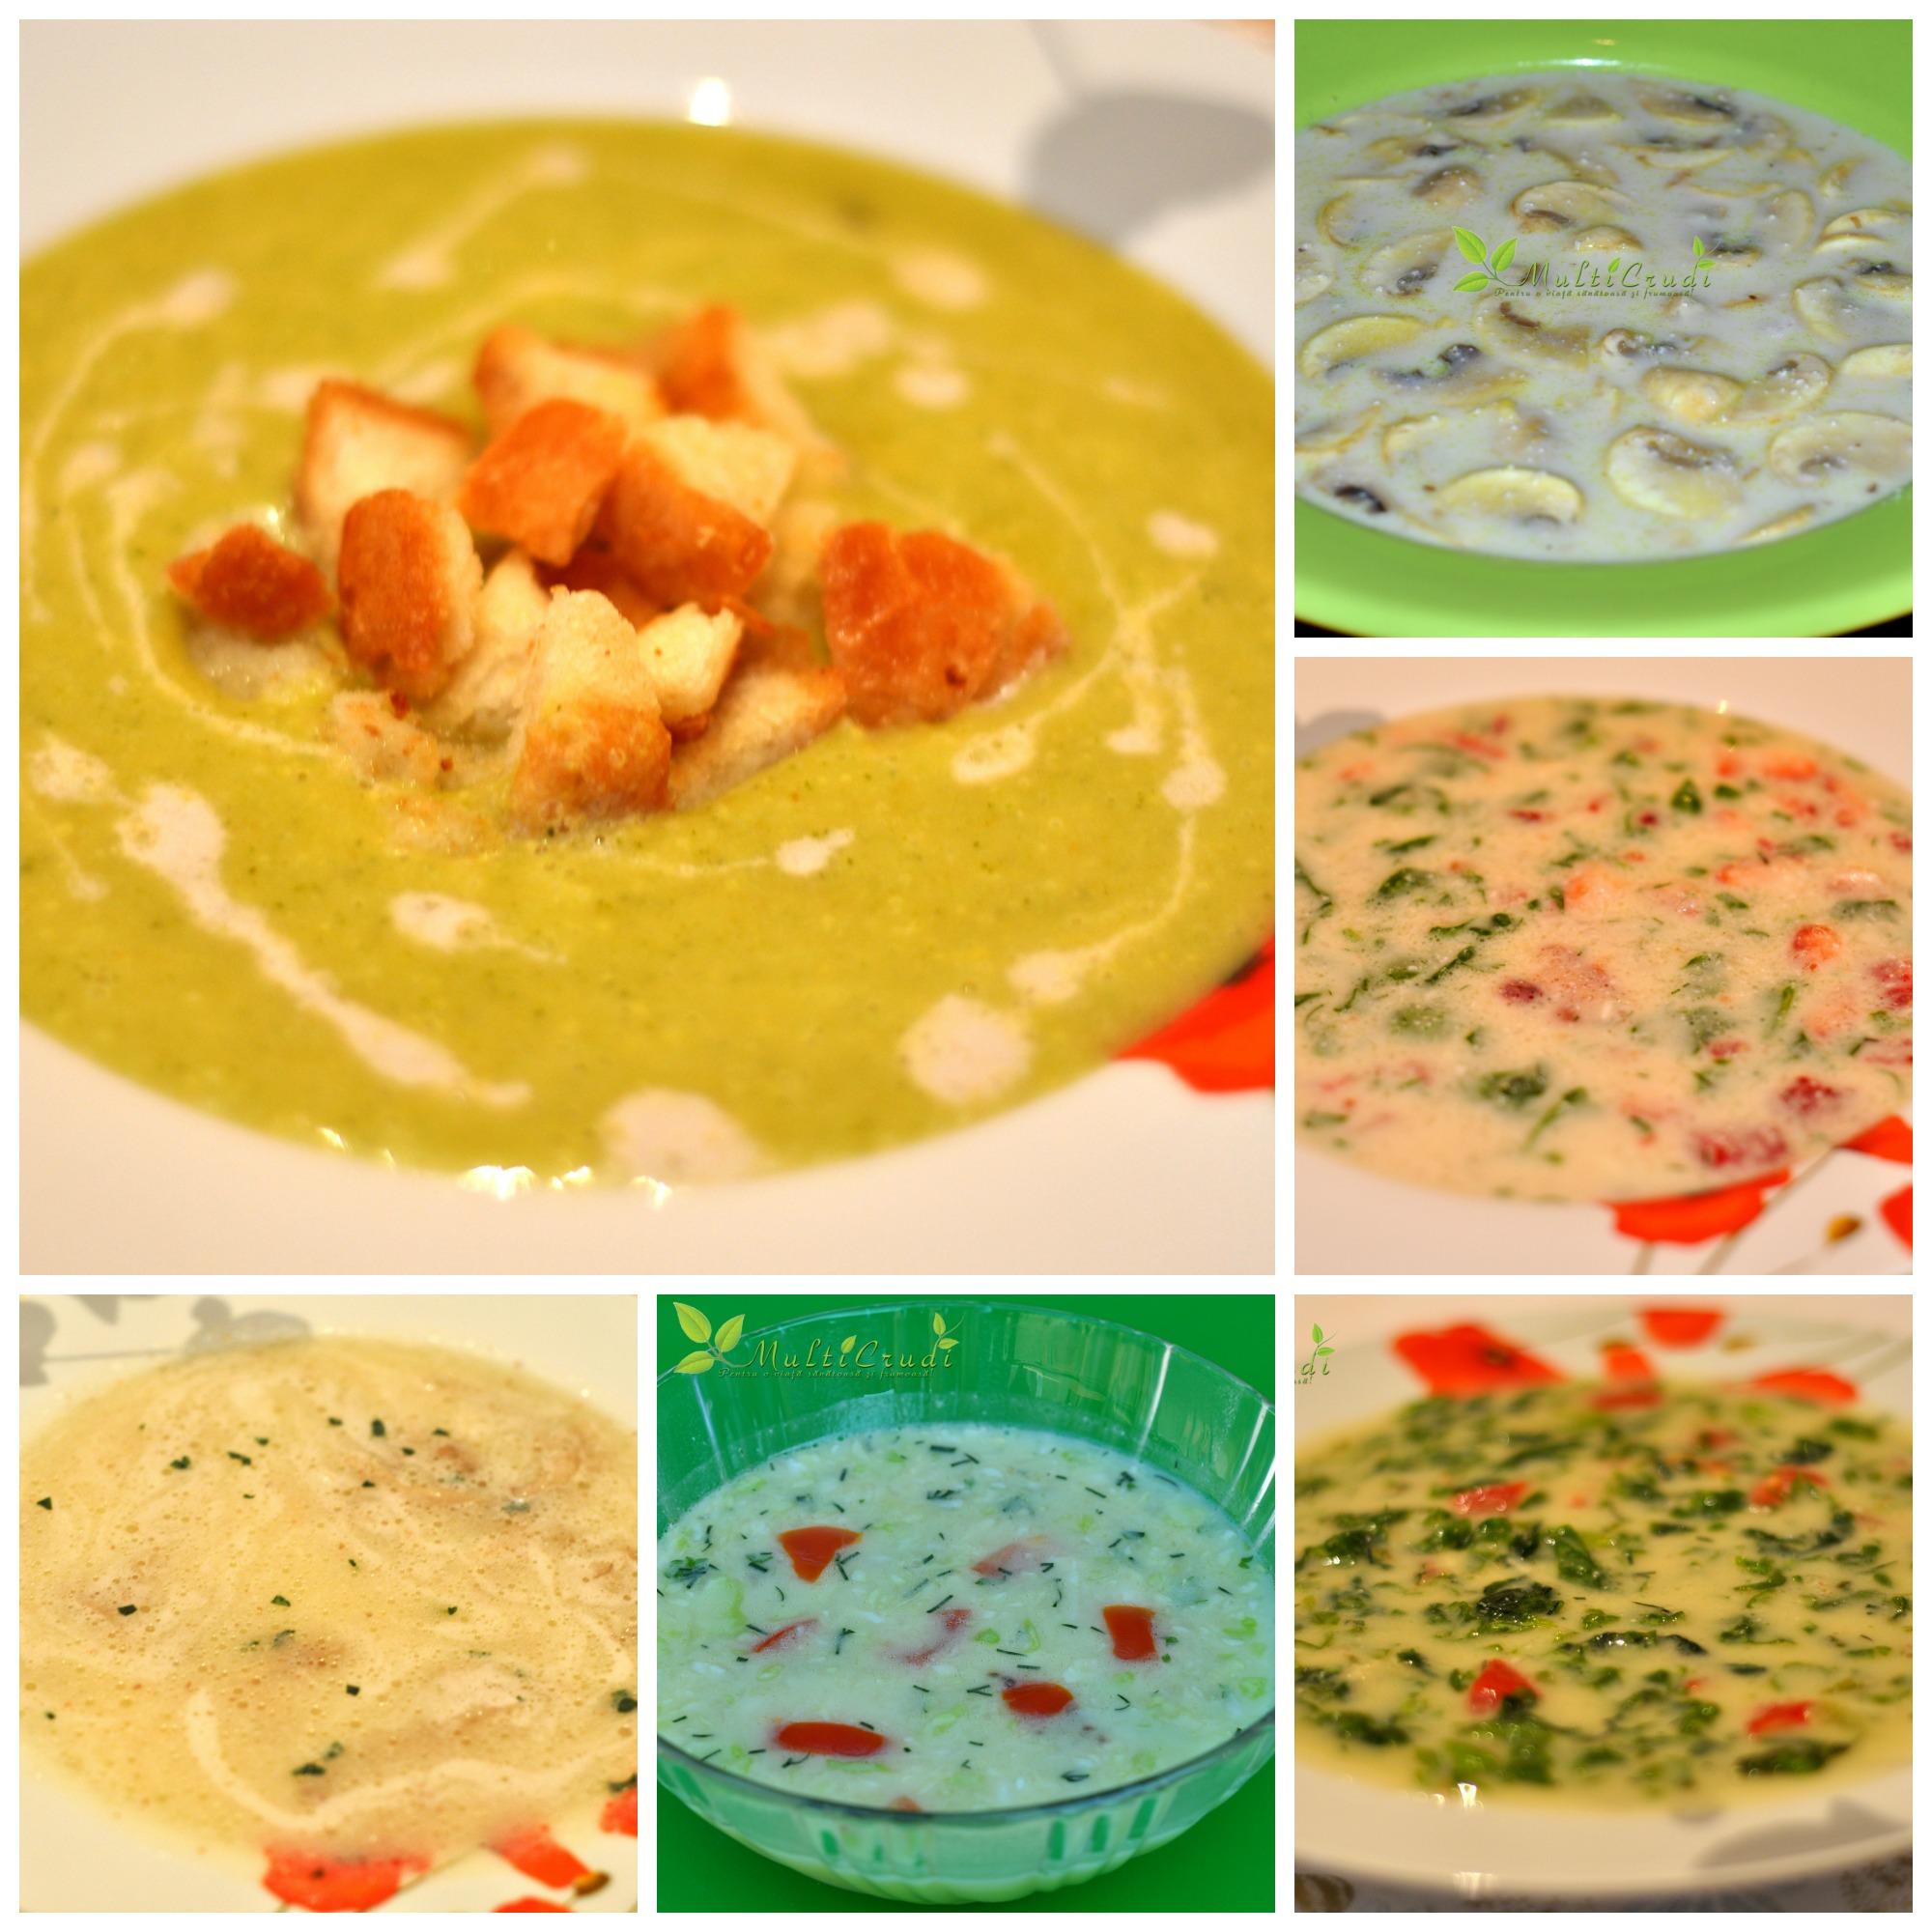 colaj-supe-ciorbe